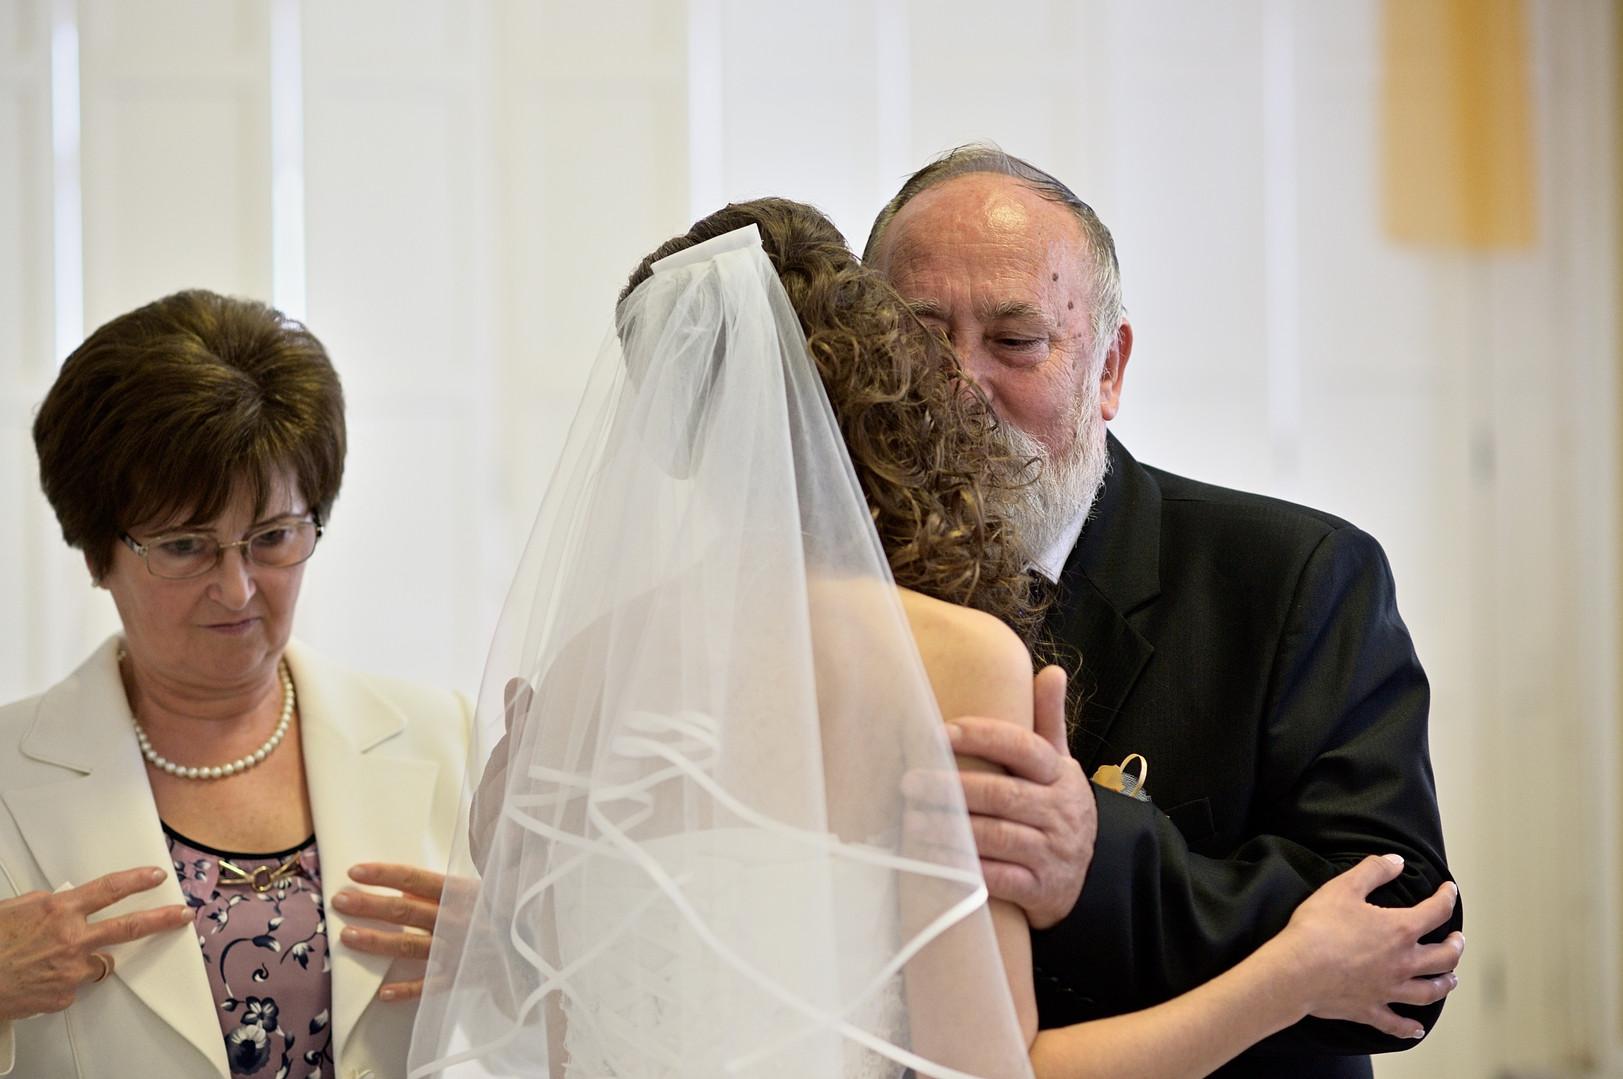 Esküvő fotózás - Dia és Endi - lánykikérés